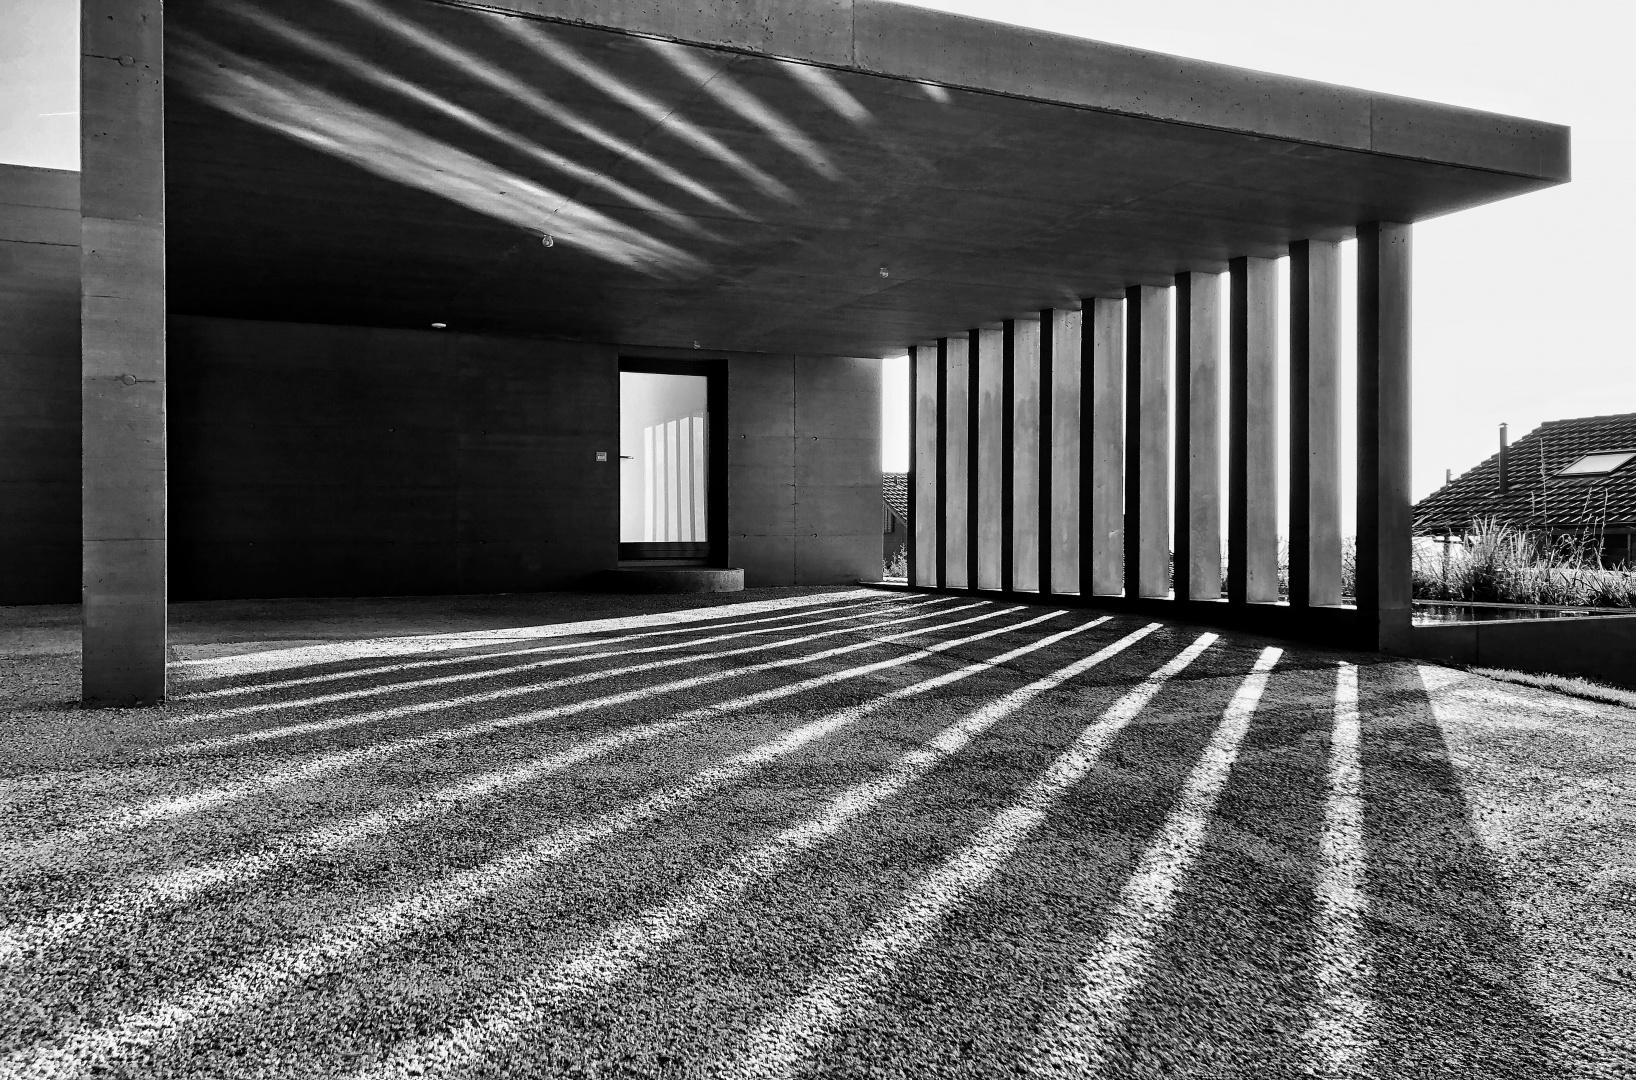 Carport © Studio Baumann, Mühlackerweg 3, 4805 Brittnau